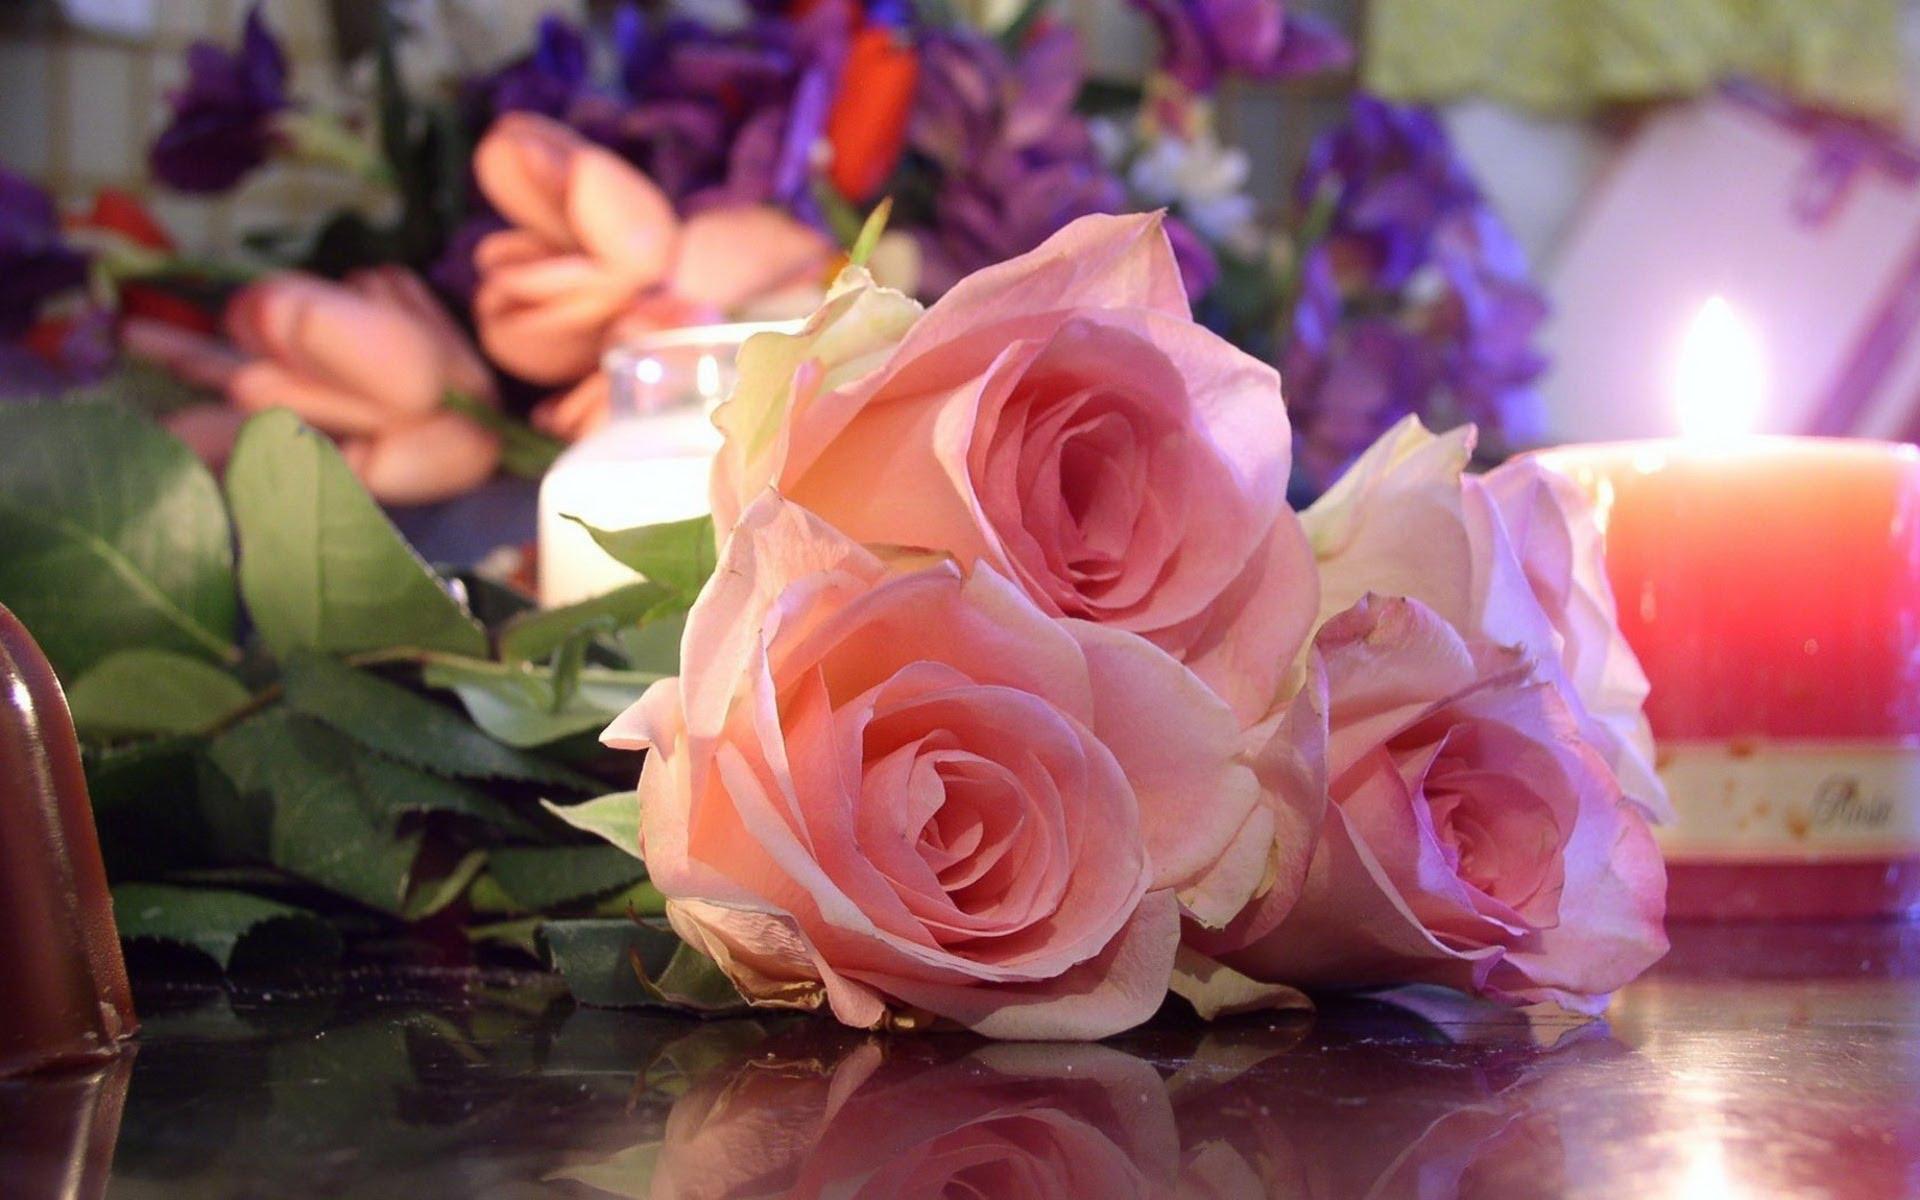 بالصور ازهار جميلة , ارق ورود رومانسية 982 10